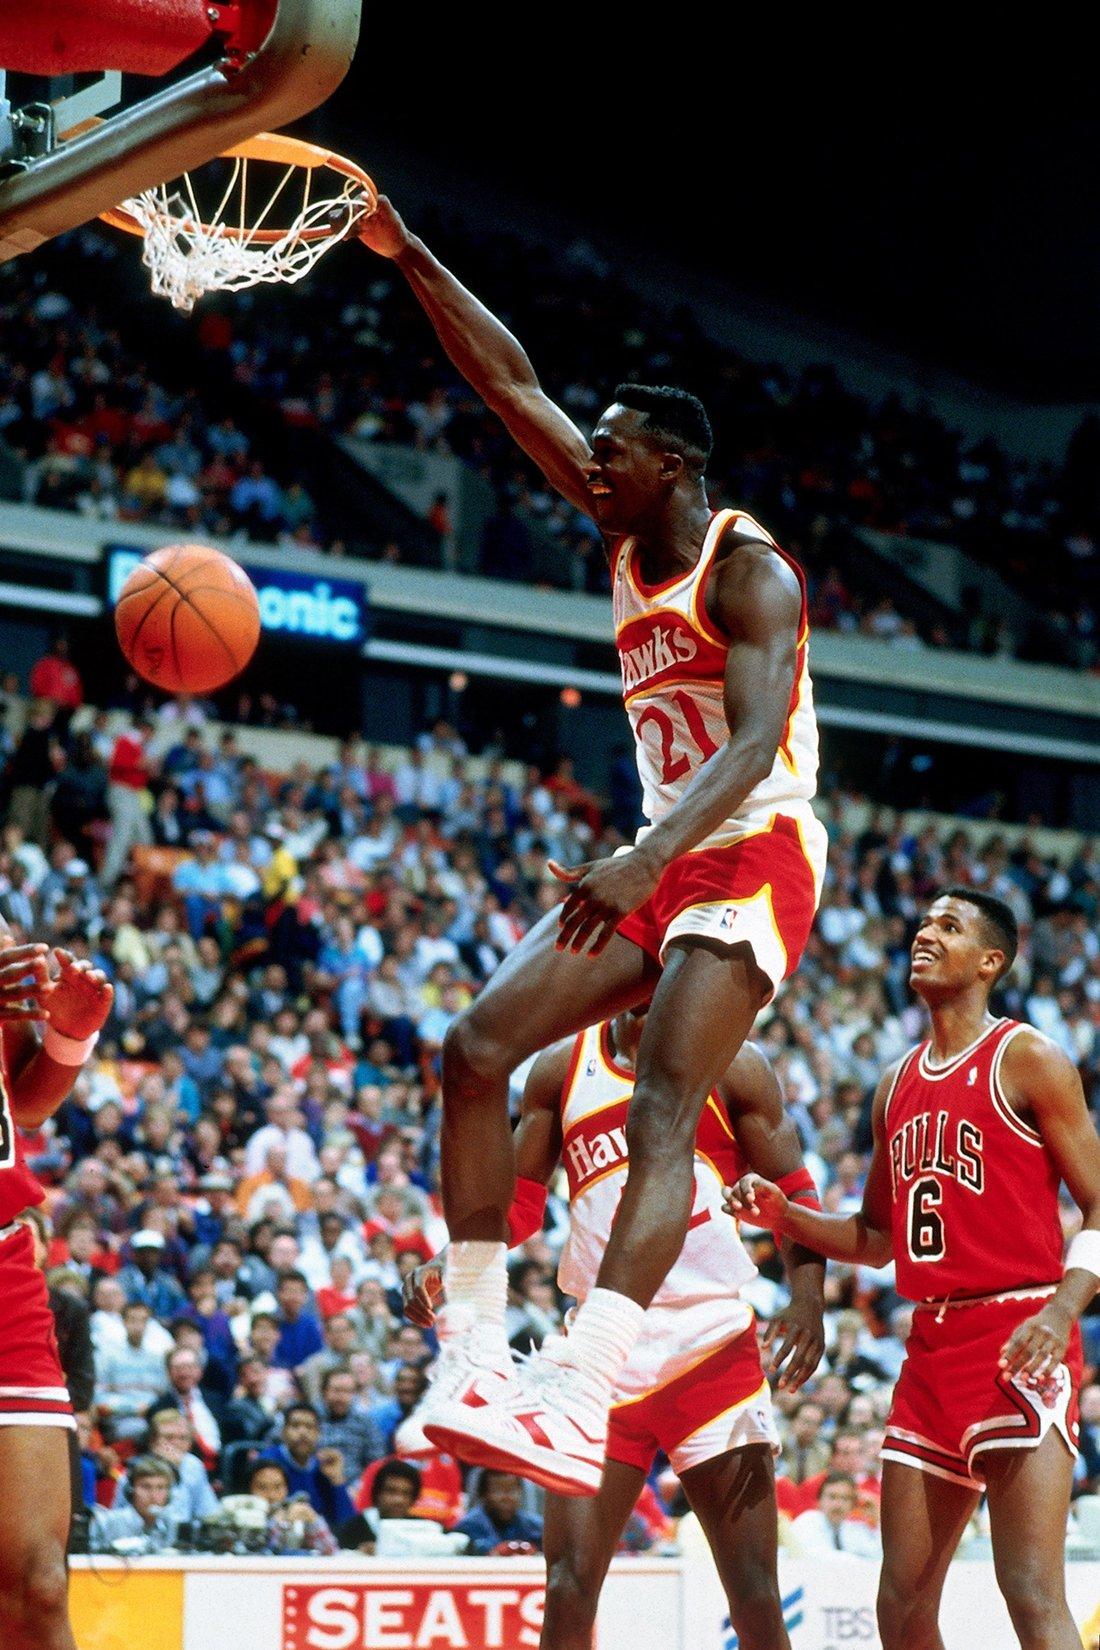 Dominique Wilkins en viva basquet